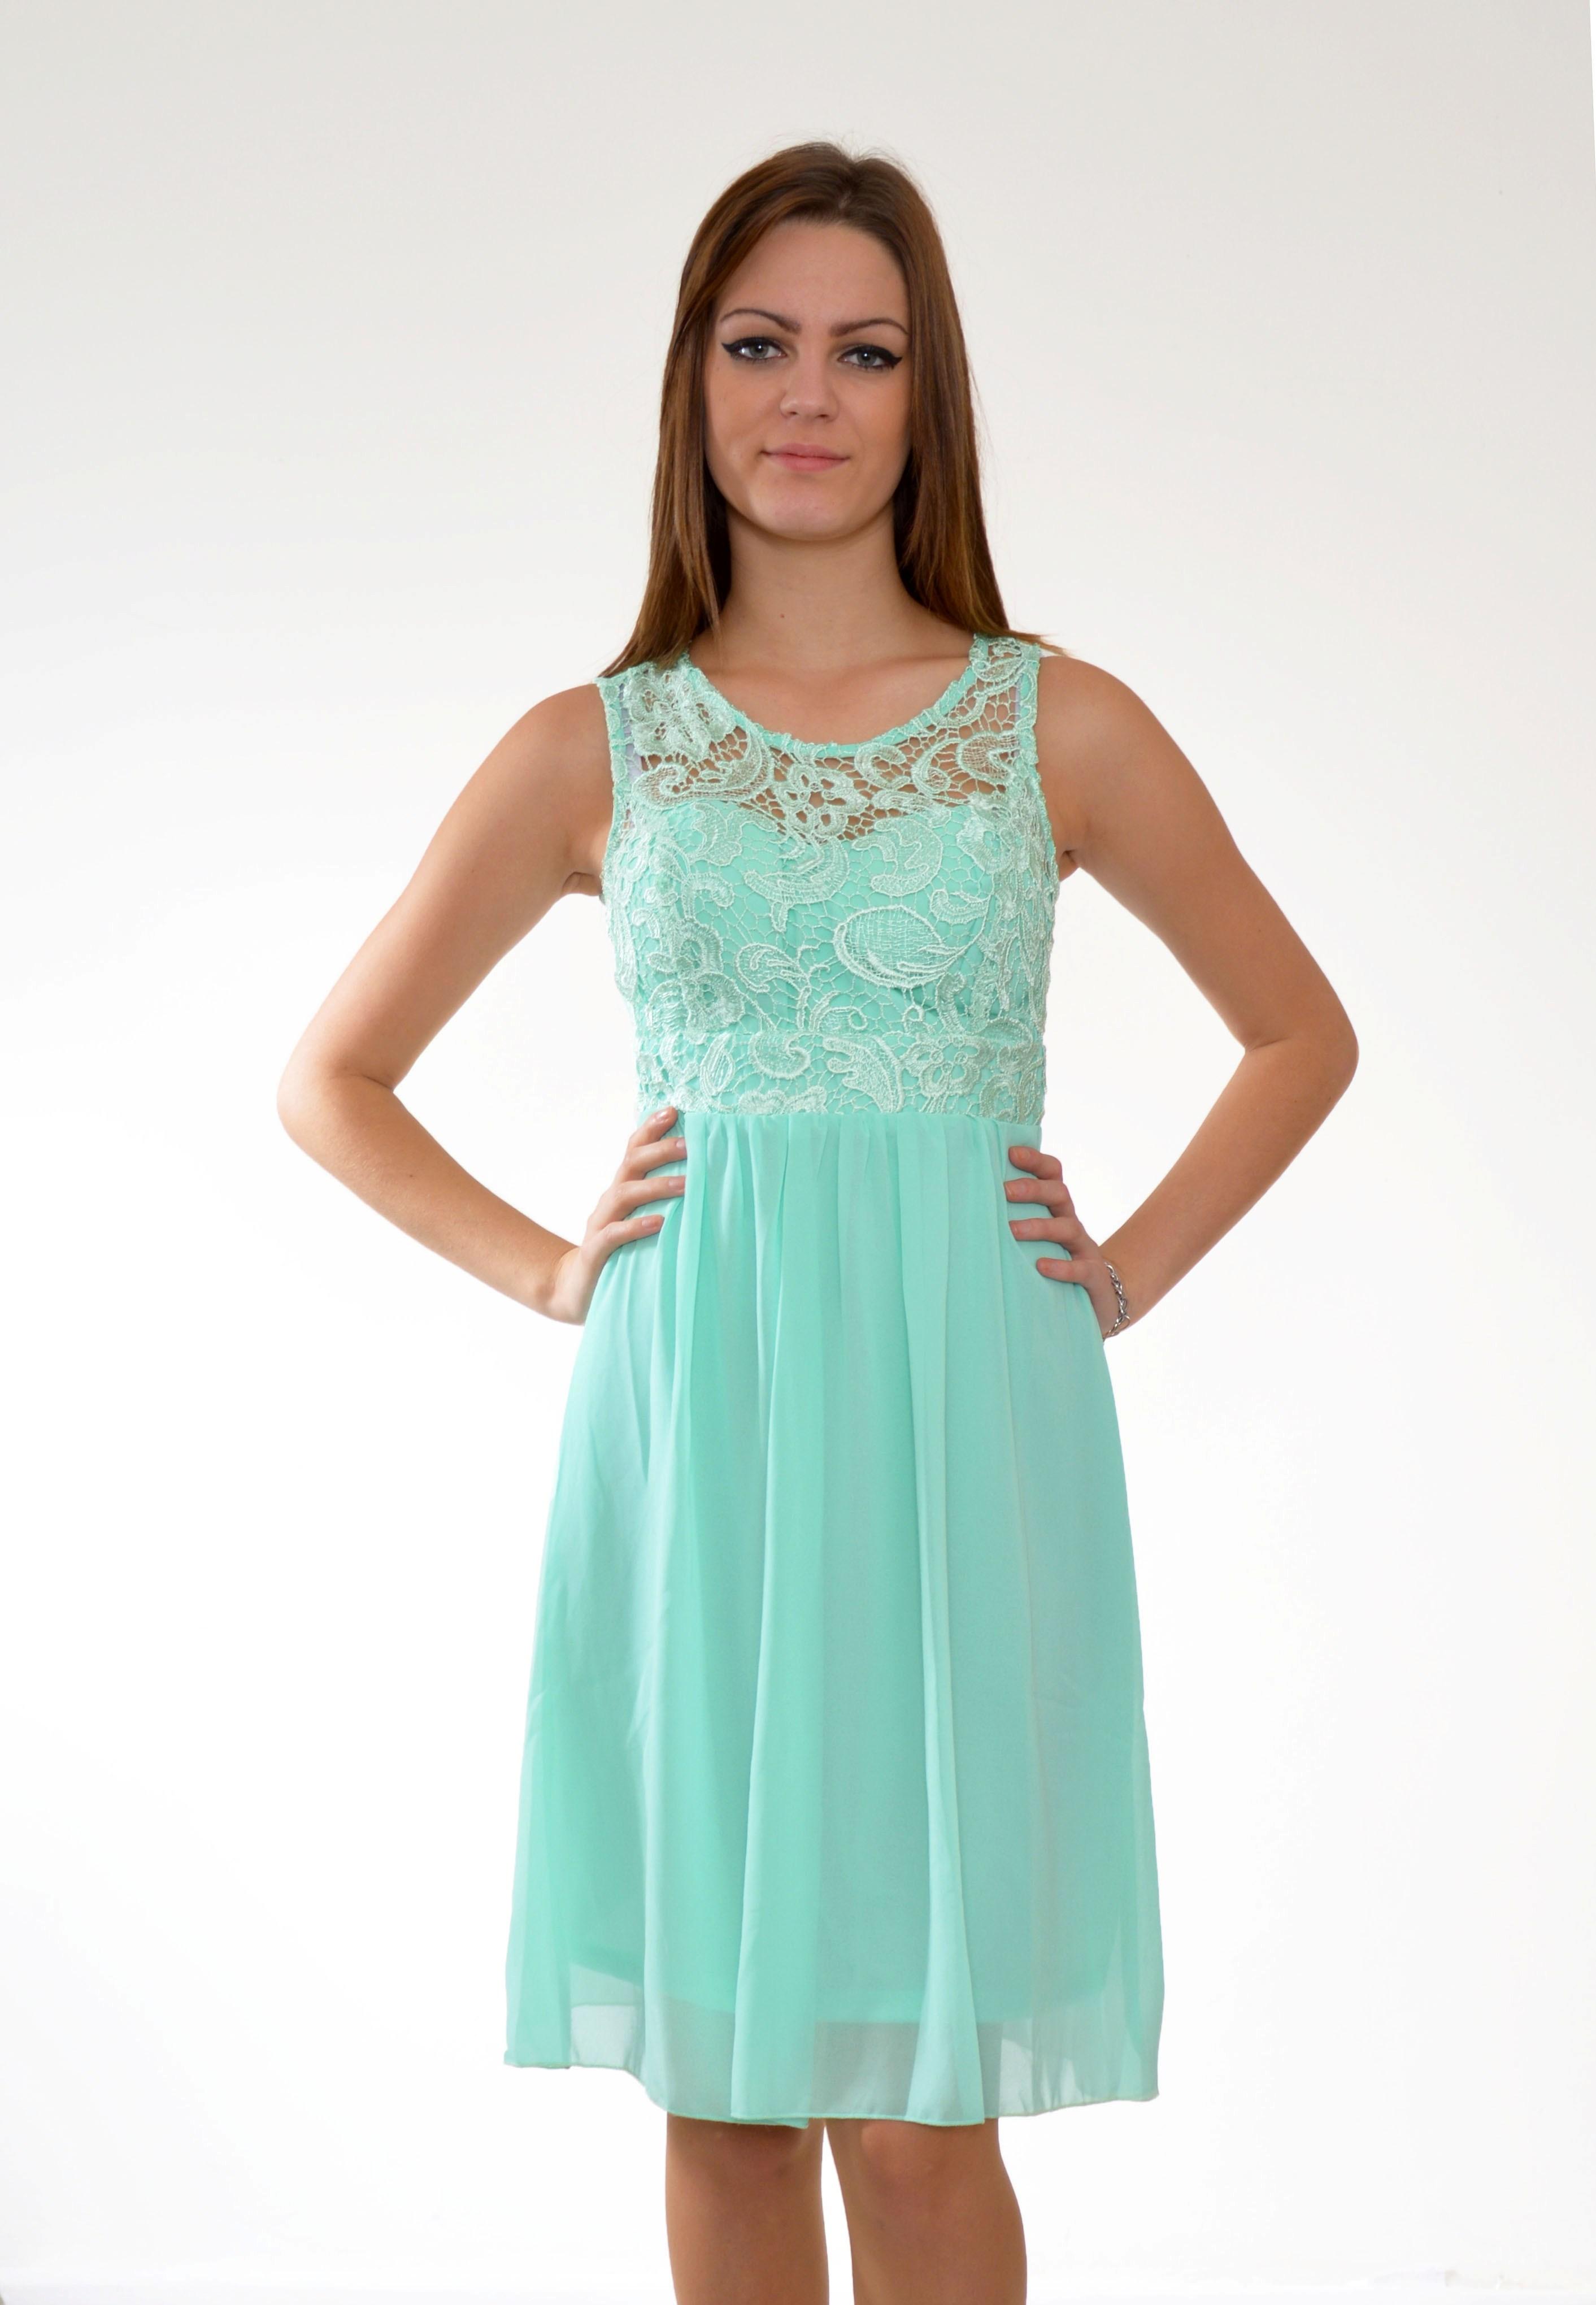 0959f1009b69 krátke mentolove spolocenske šaty mentolové spoločenské šaty ...